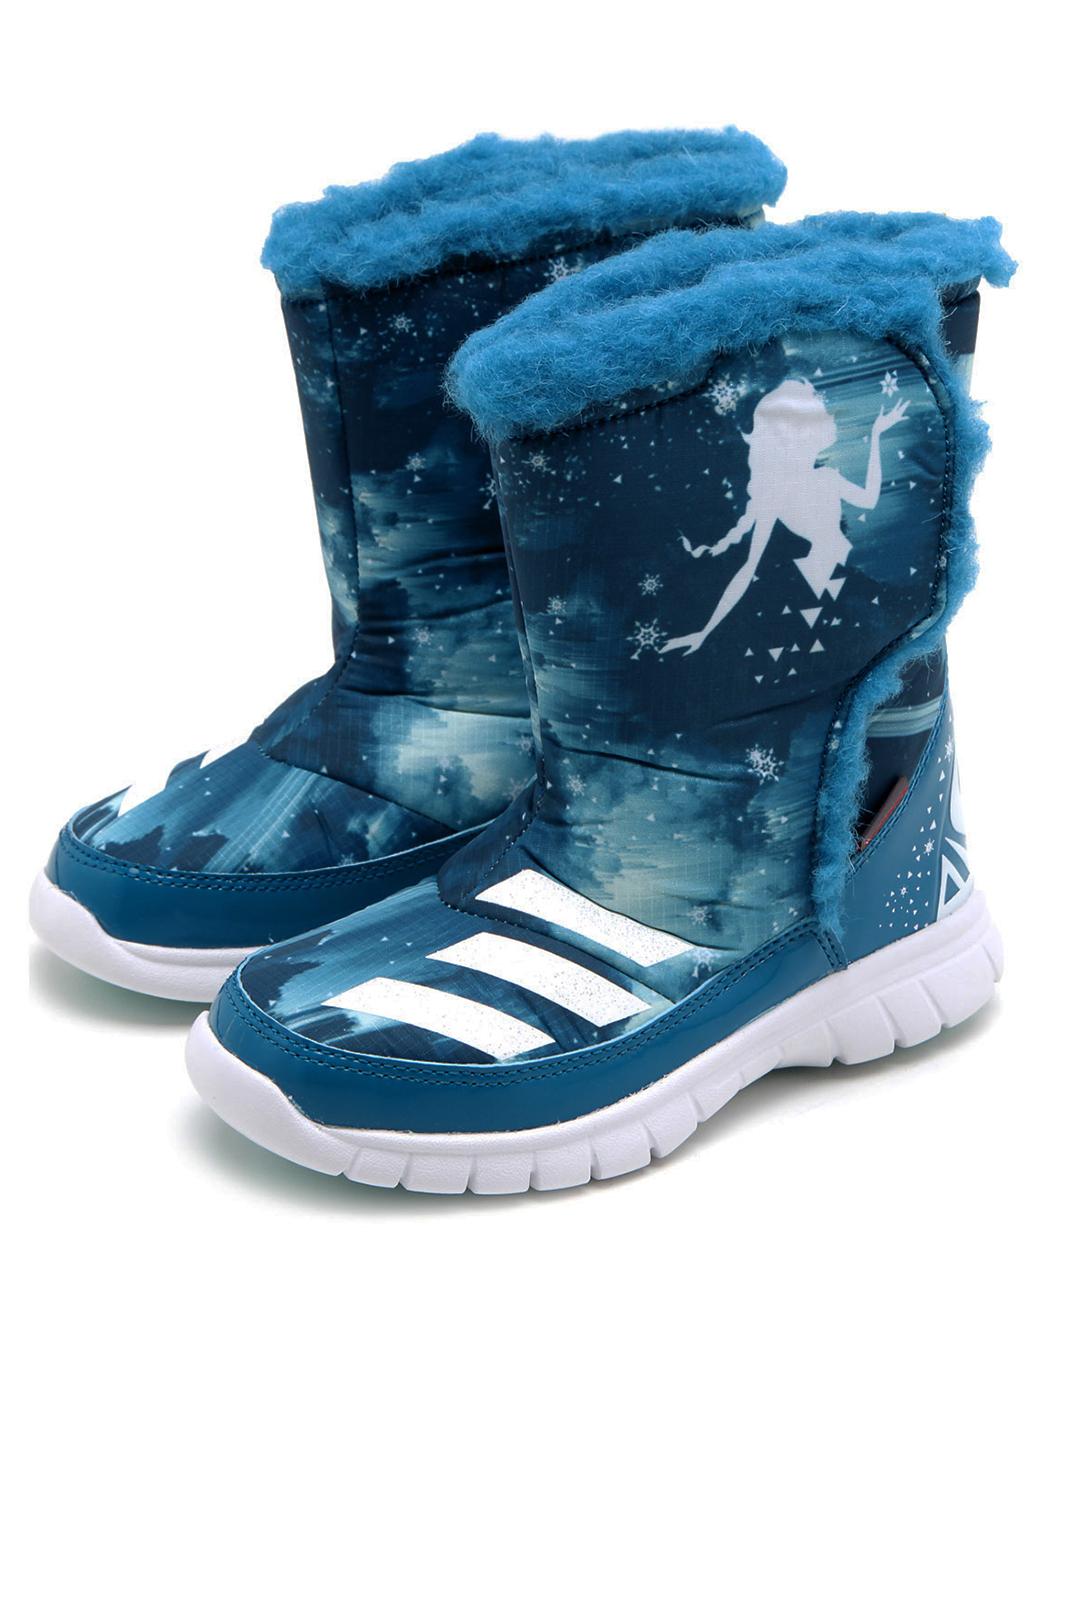 Chaussures  Adidas AQ3653 DISNEY FROZEN MID BLEU